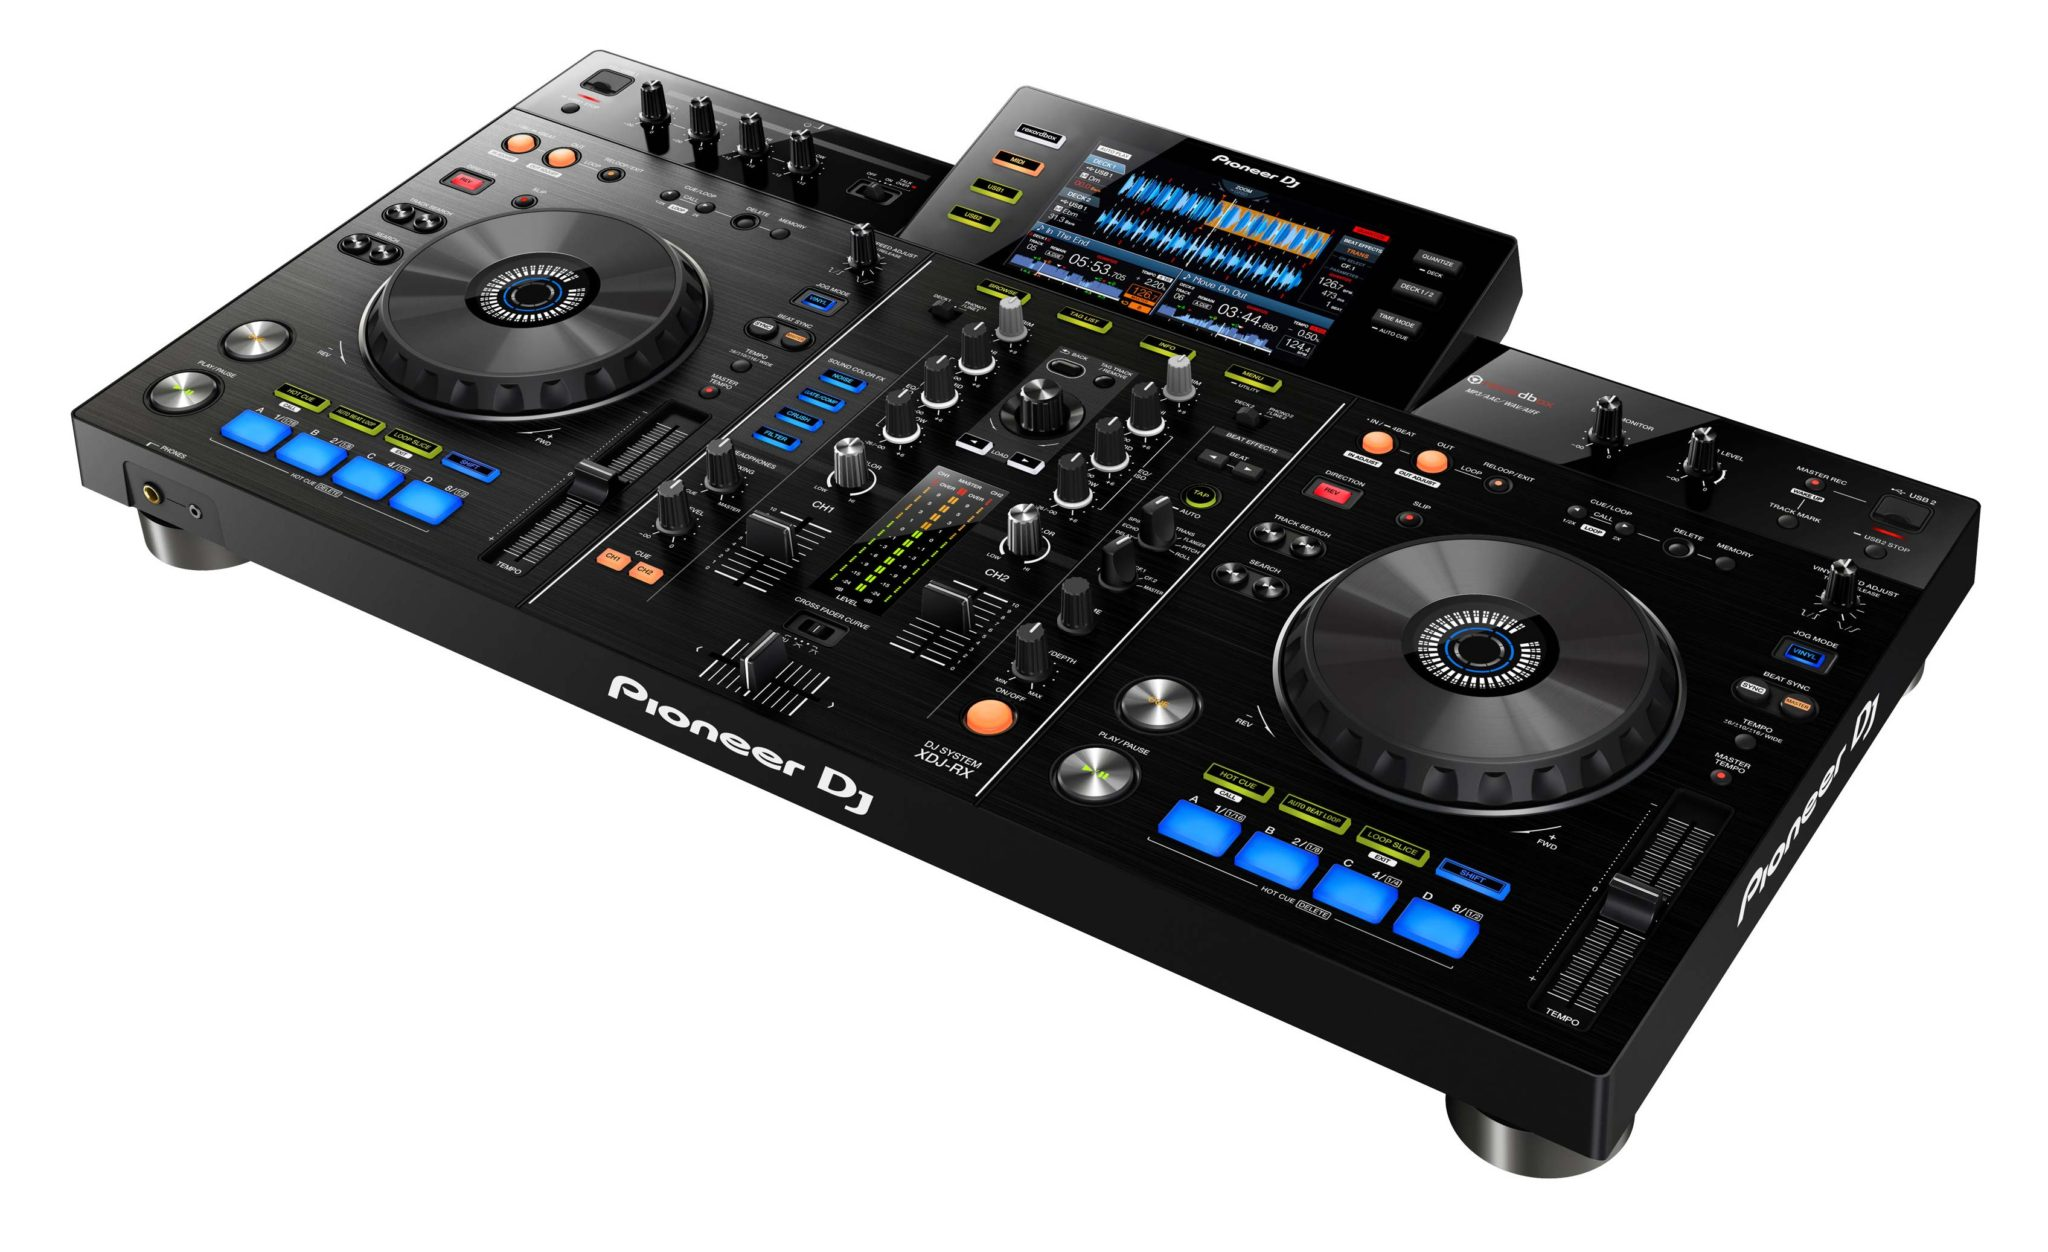 PIONEER DJ SET INDUSTRY STANDARD